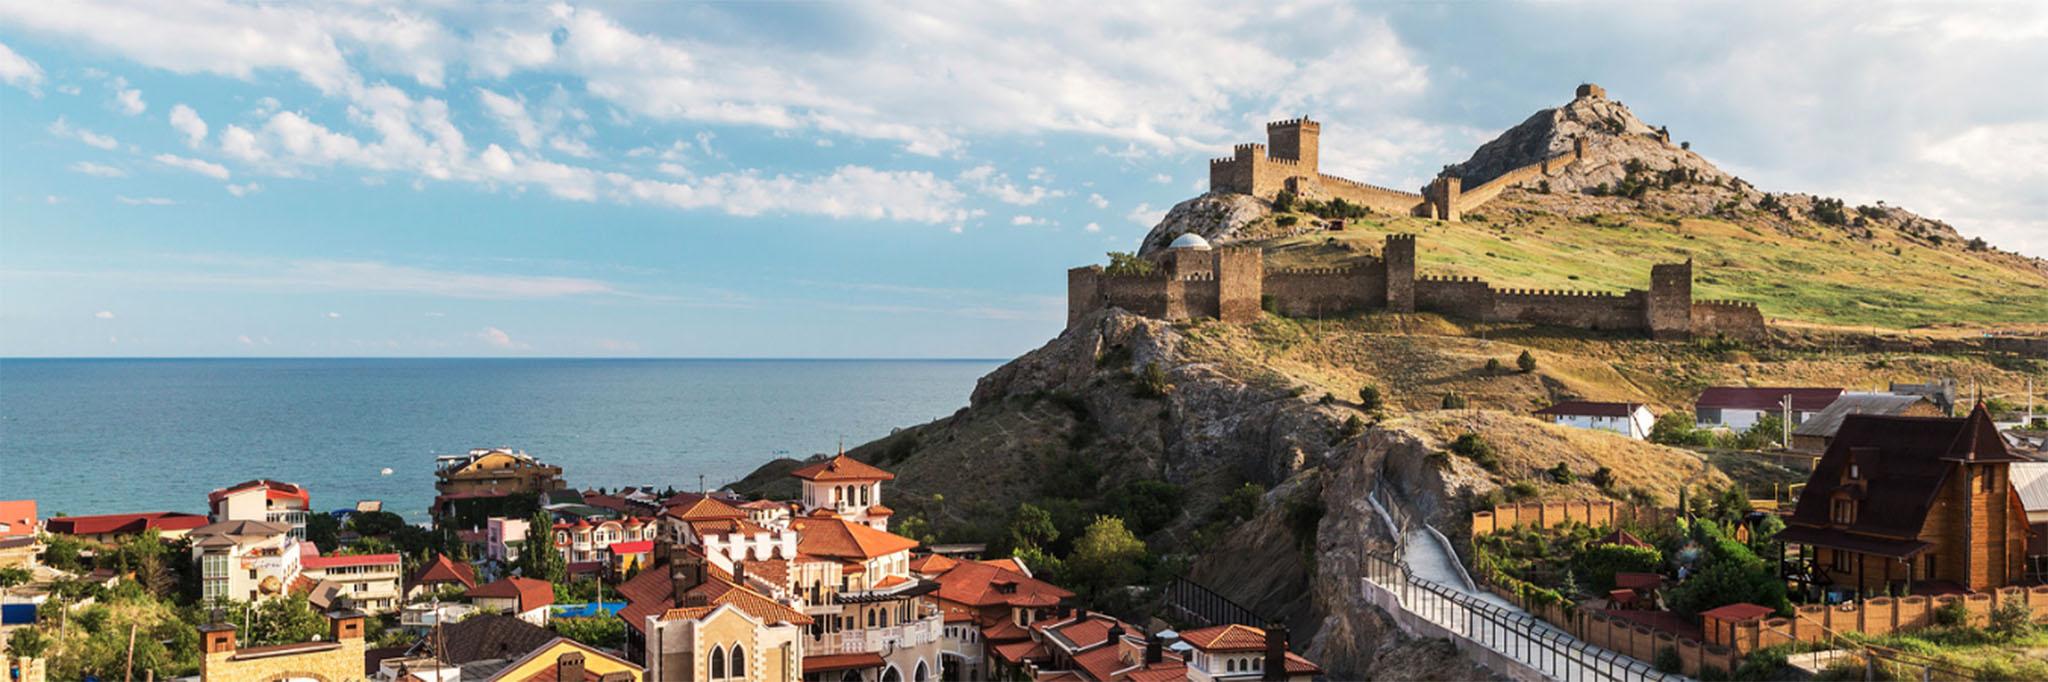 Генуэзская крепость в Судаке, панорамный вид